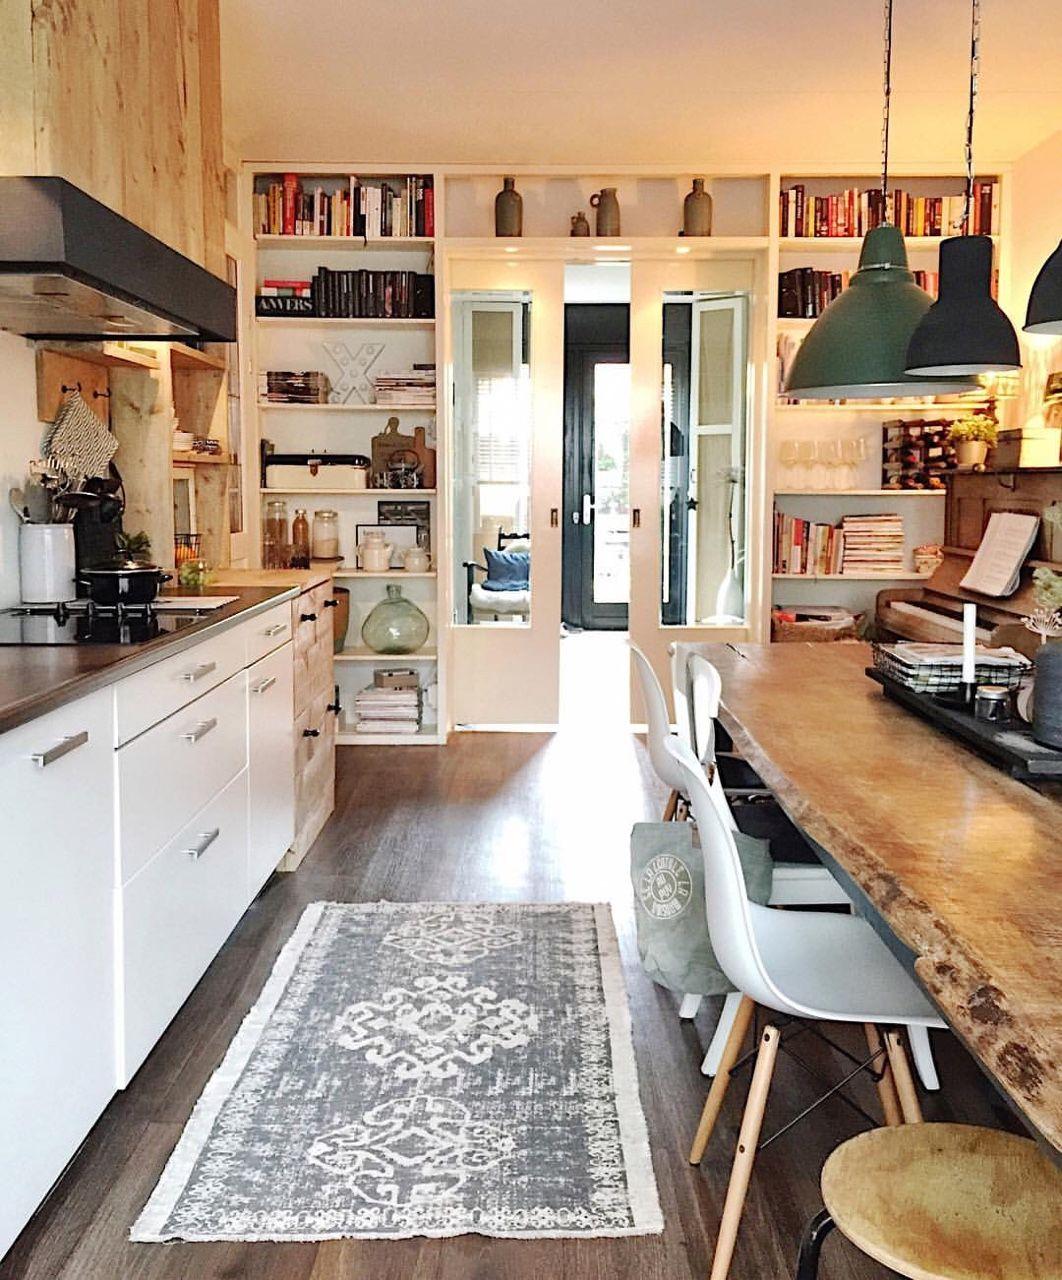 gestaltungsidee für durchbruch esszimmer/ wohnzimmer | küche, Gartengerate ideen